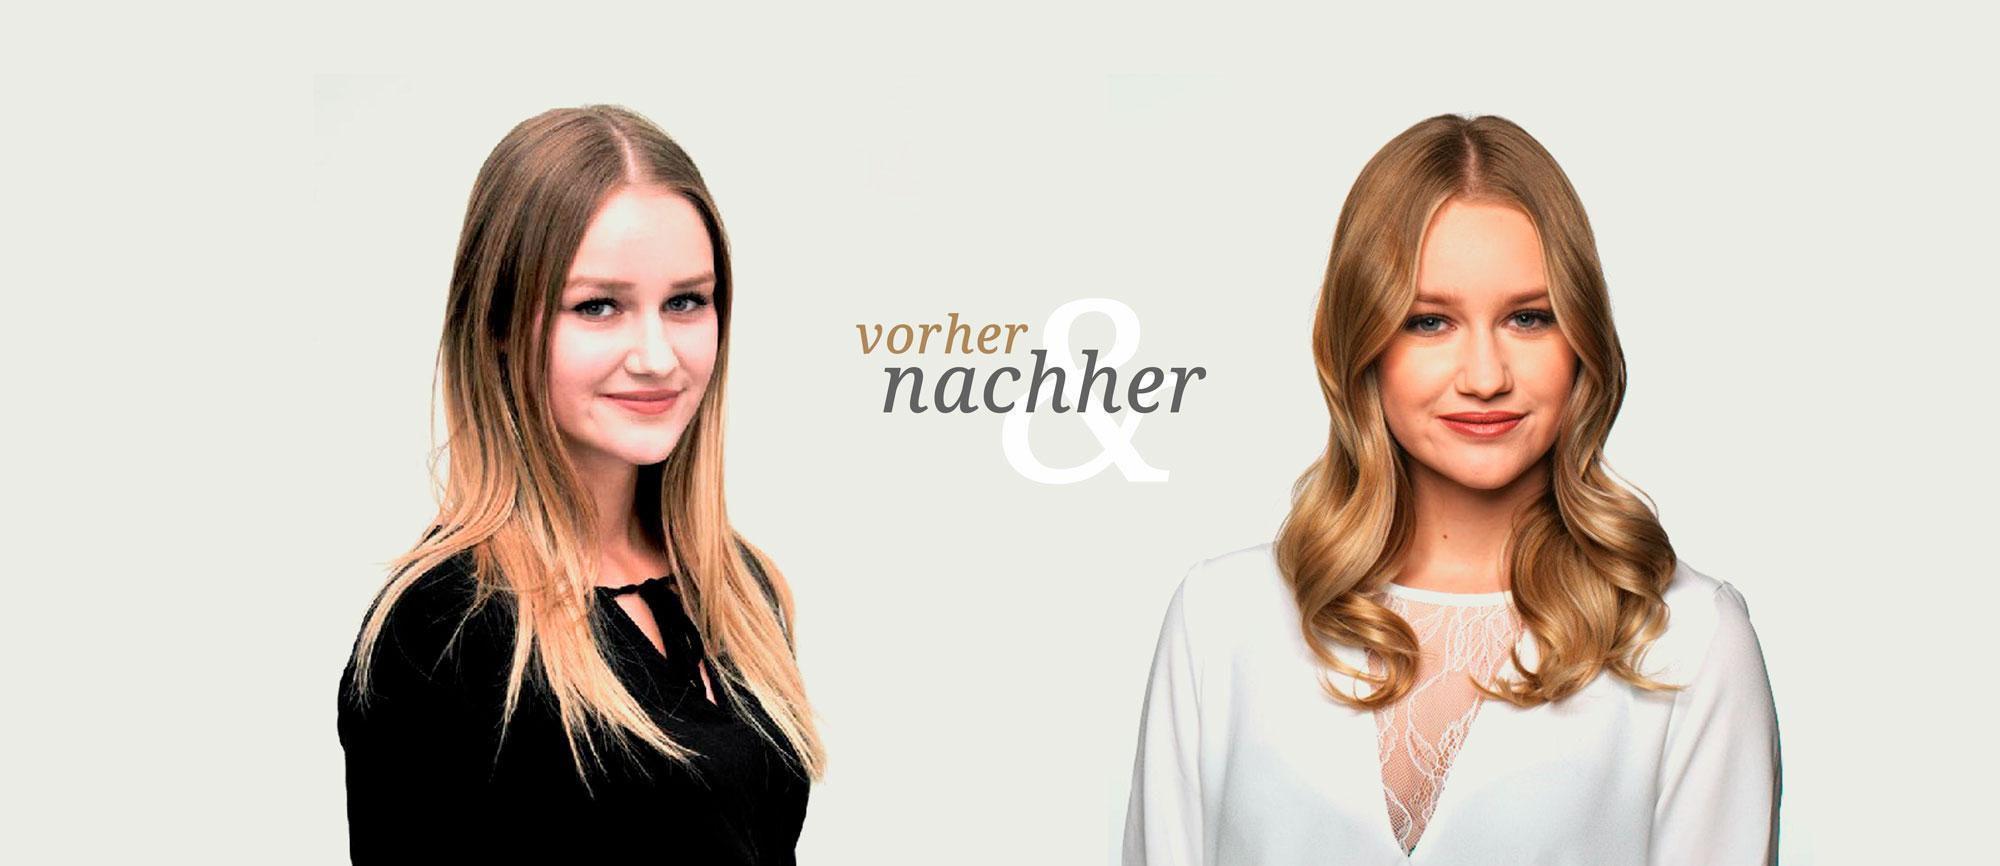 vorher-nachher-2